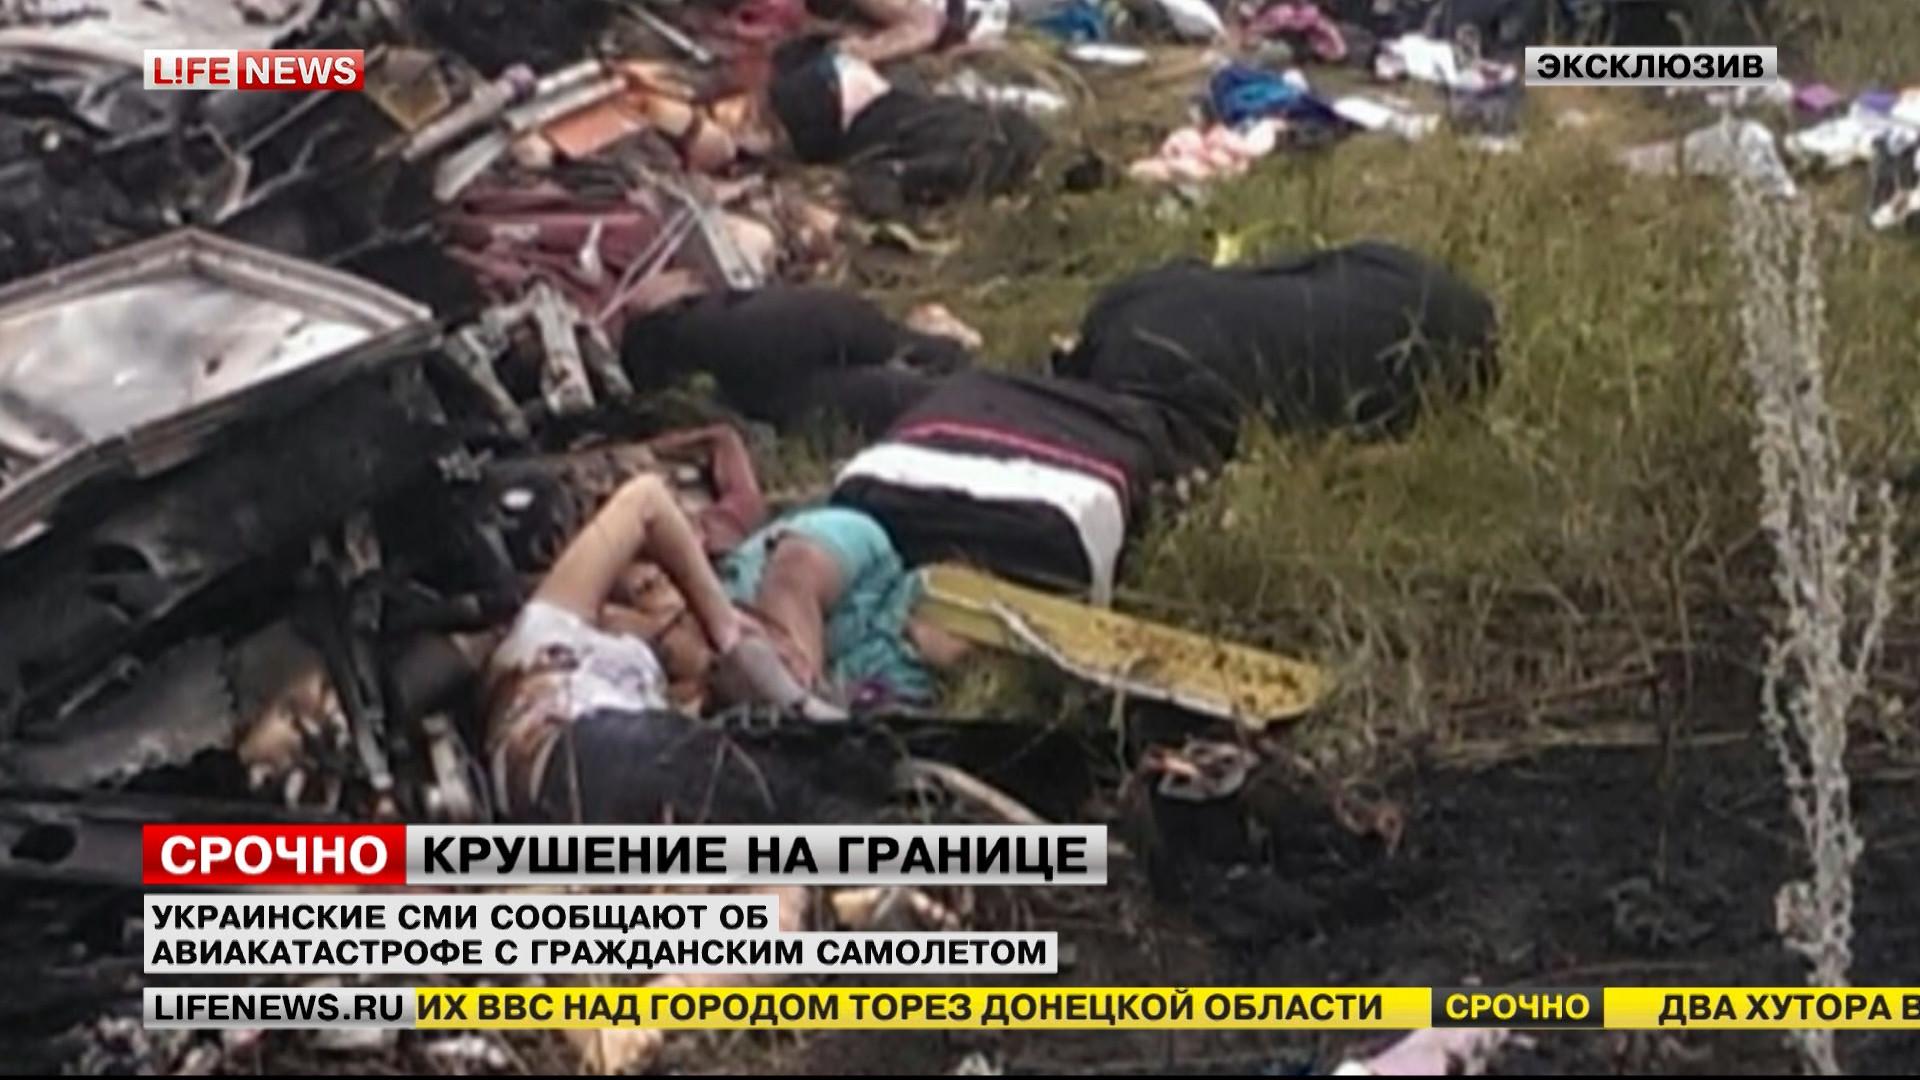 фото погибших в авиакатастрофе сегодня в контакте